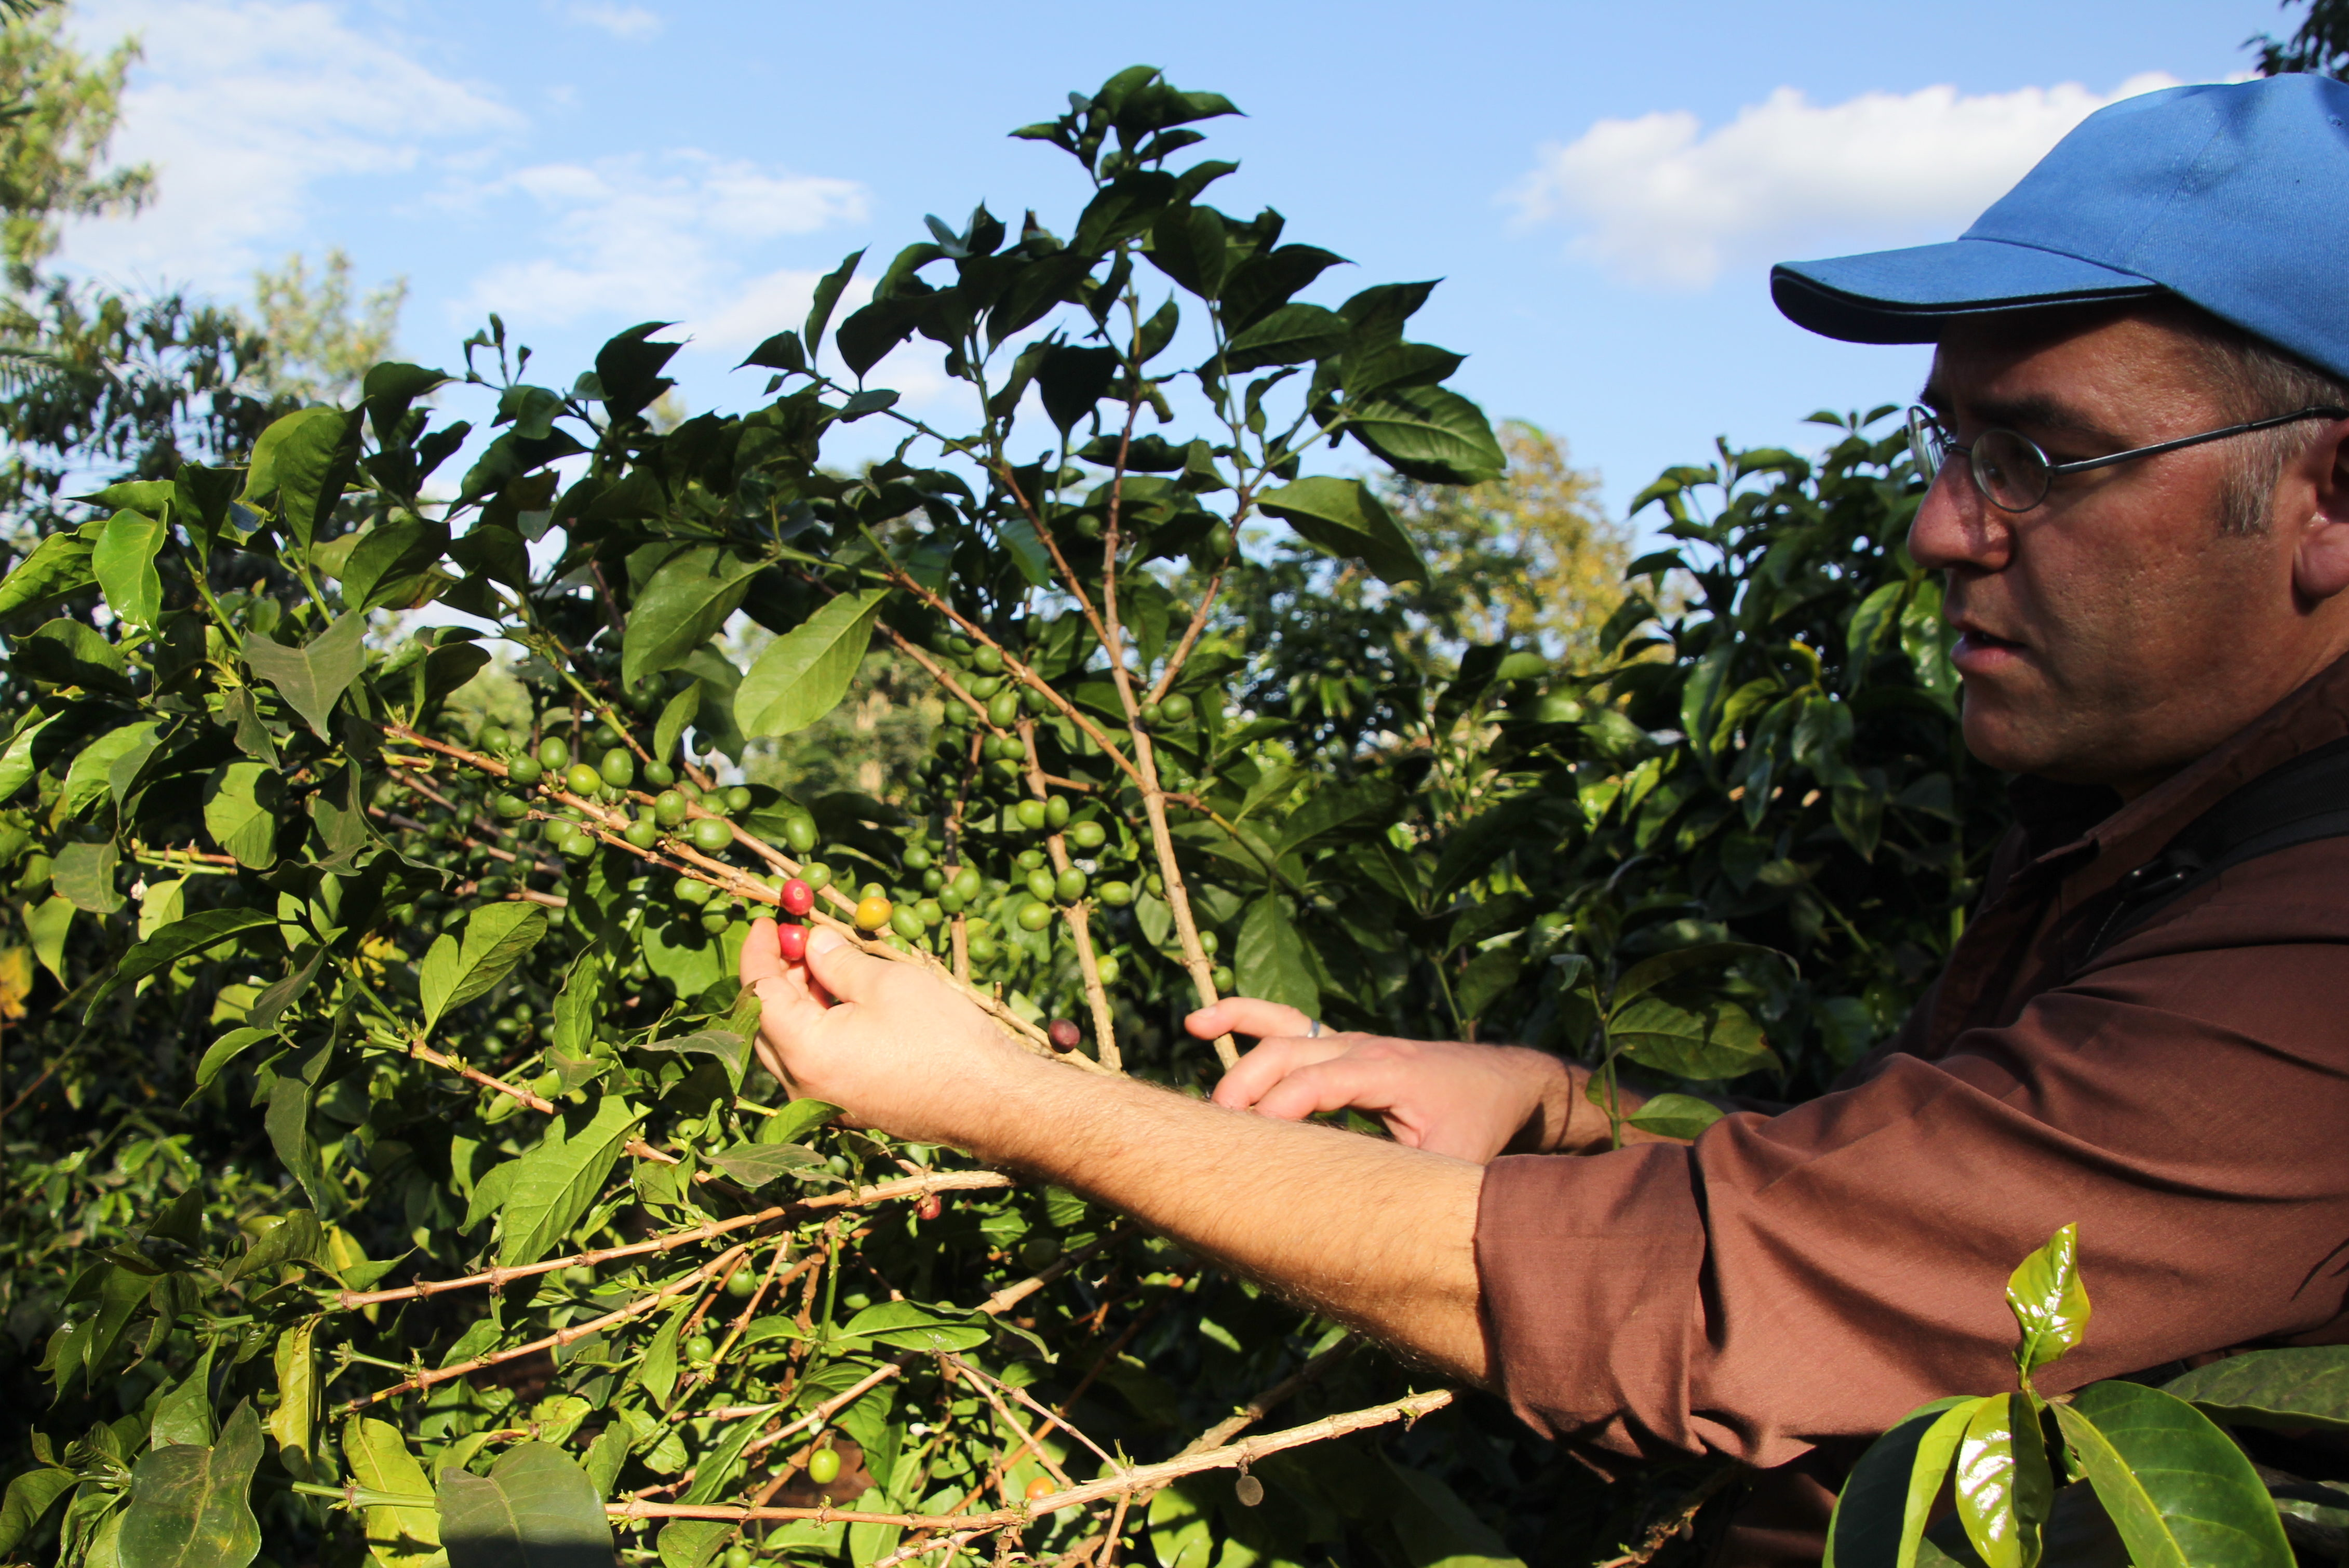 Koffie plukken in Kenia met Joost Leopold